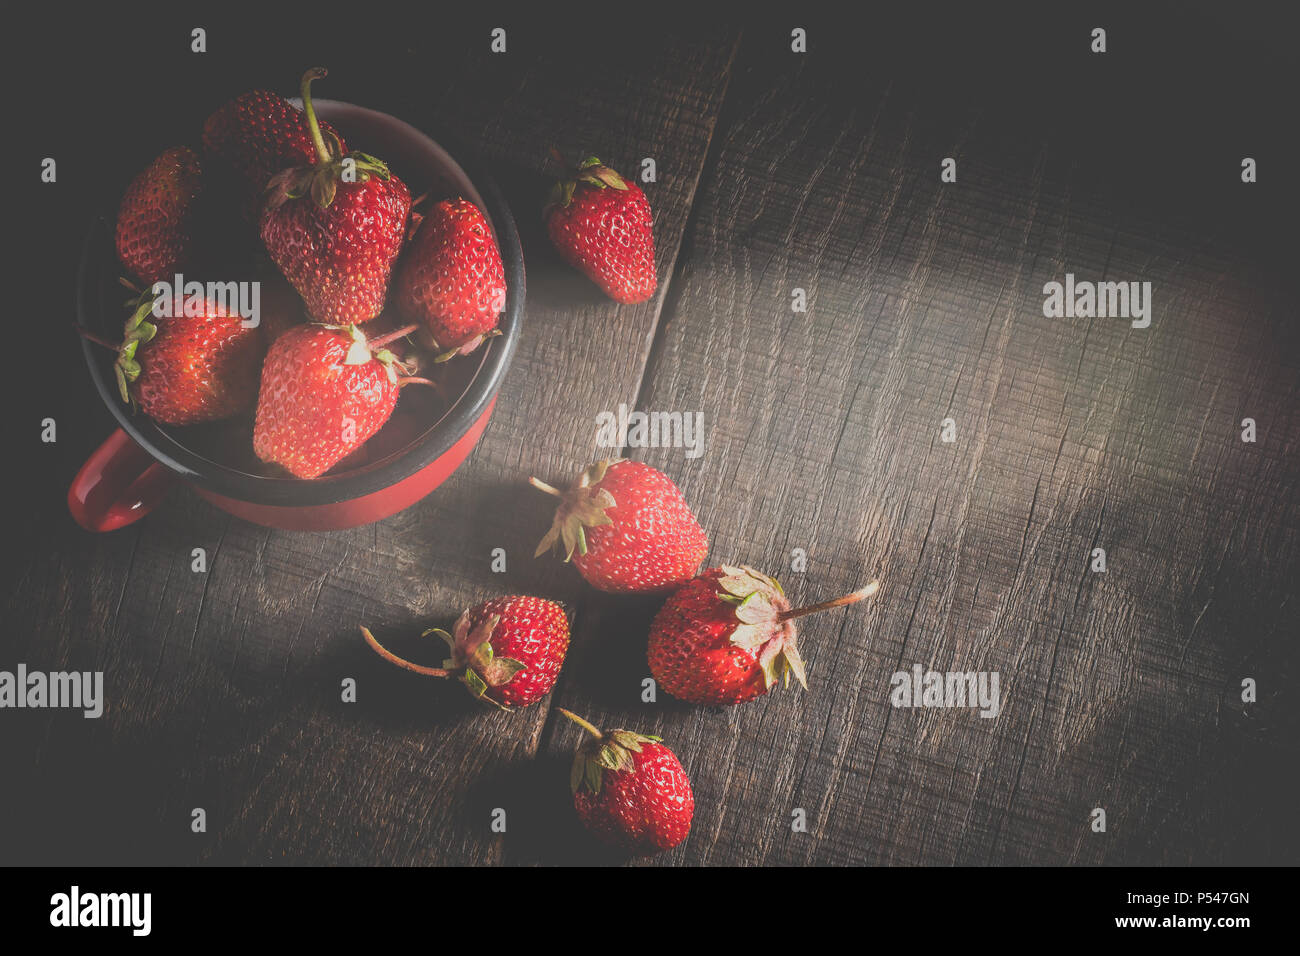 Lein-Wand-Bild Essensbilder Früchte Erdbeeren in weißer Schale auf dunklem Holz